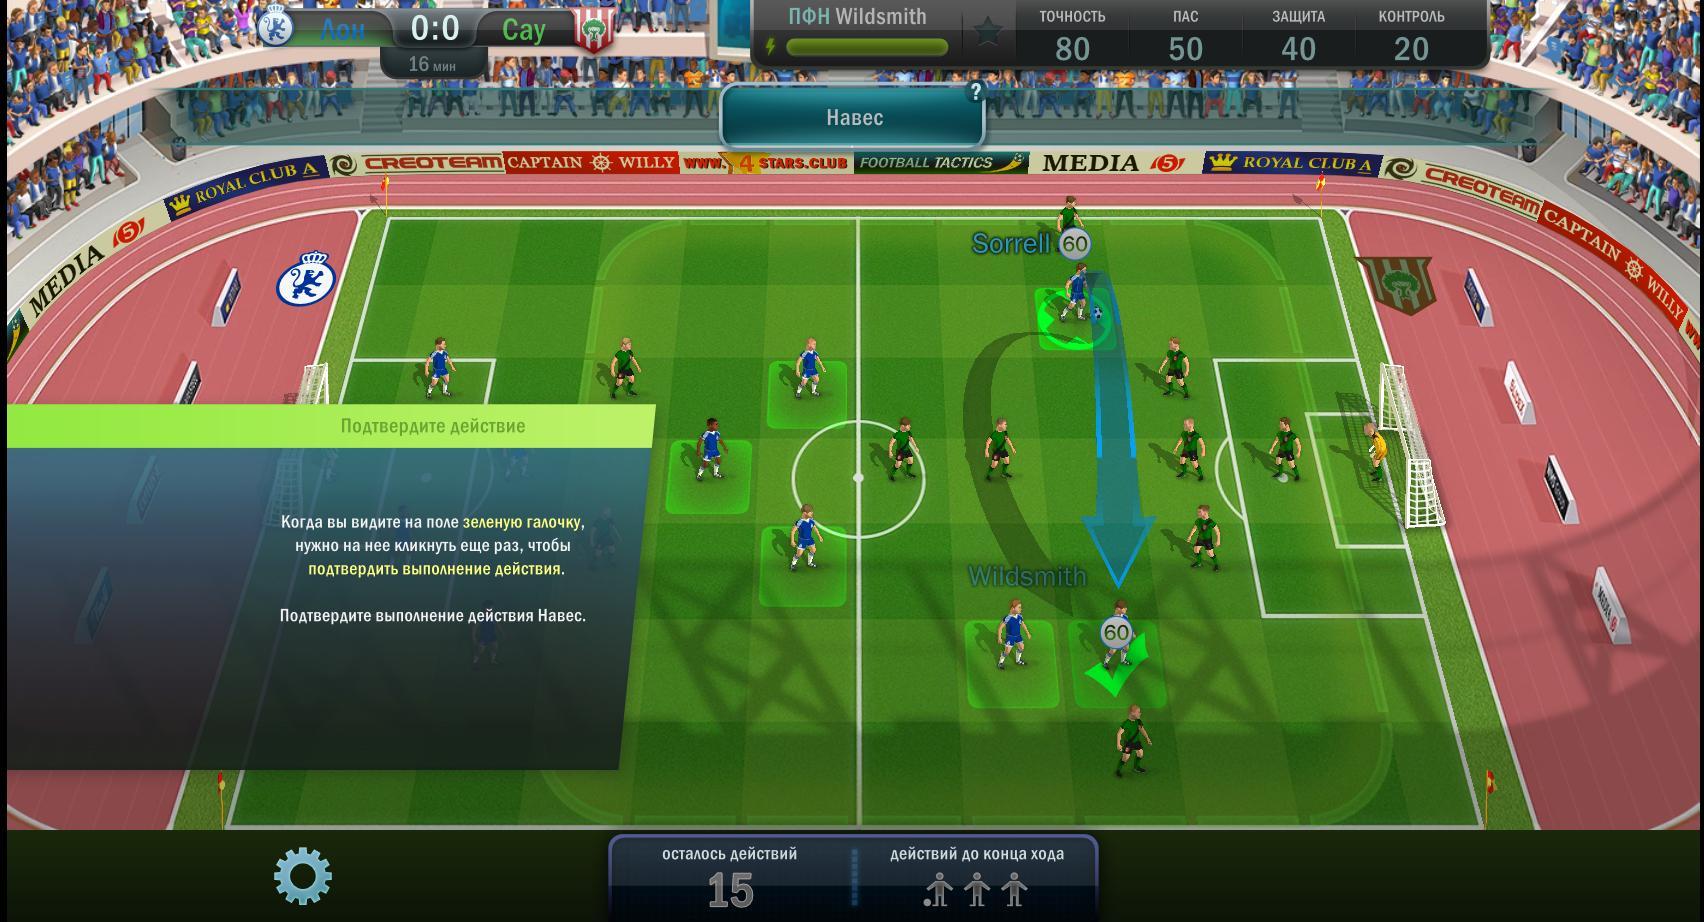 Football Tactics Glory V11 08 18